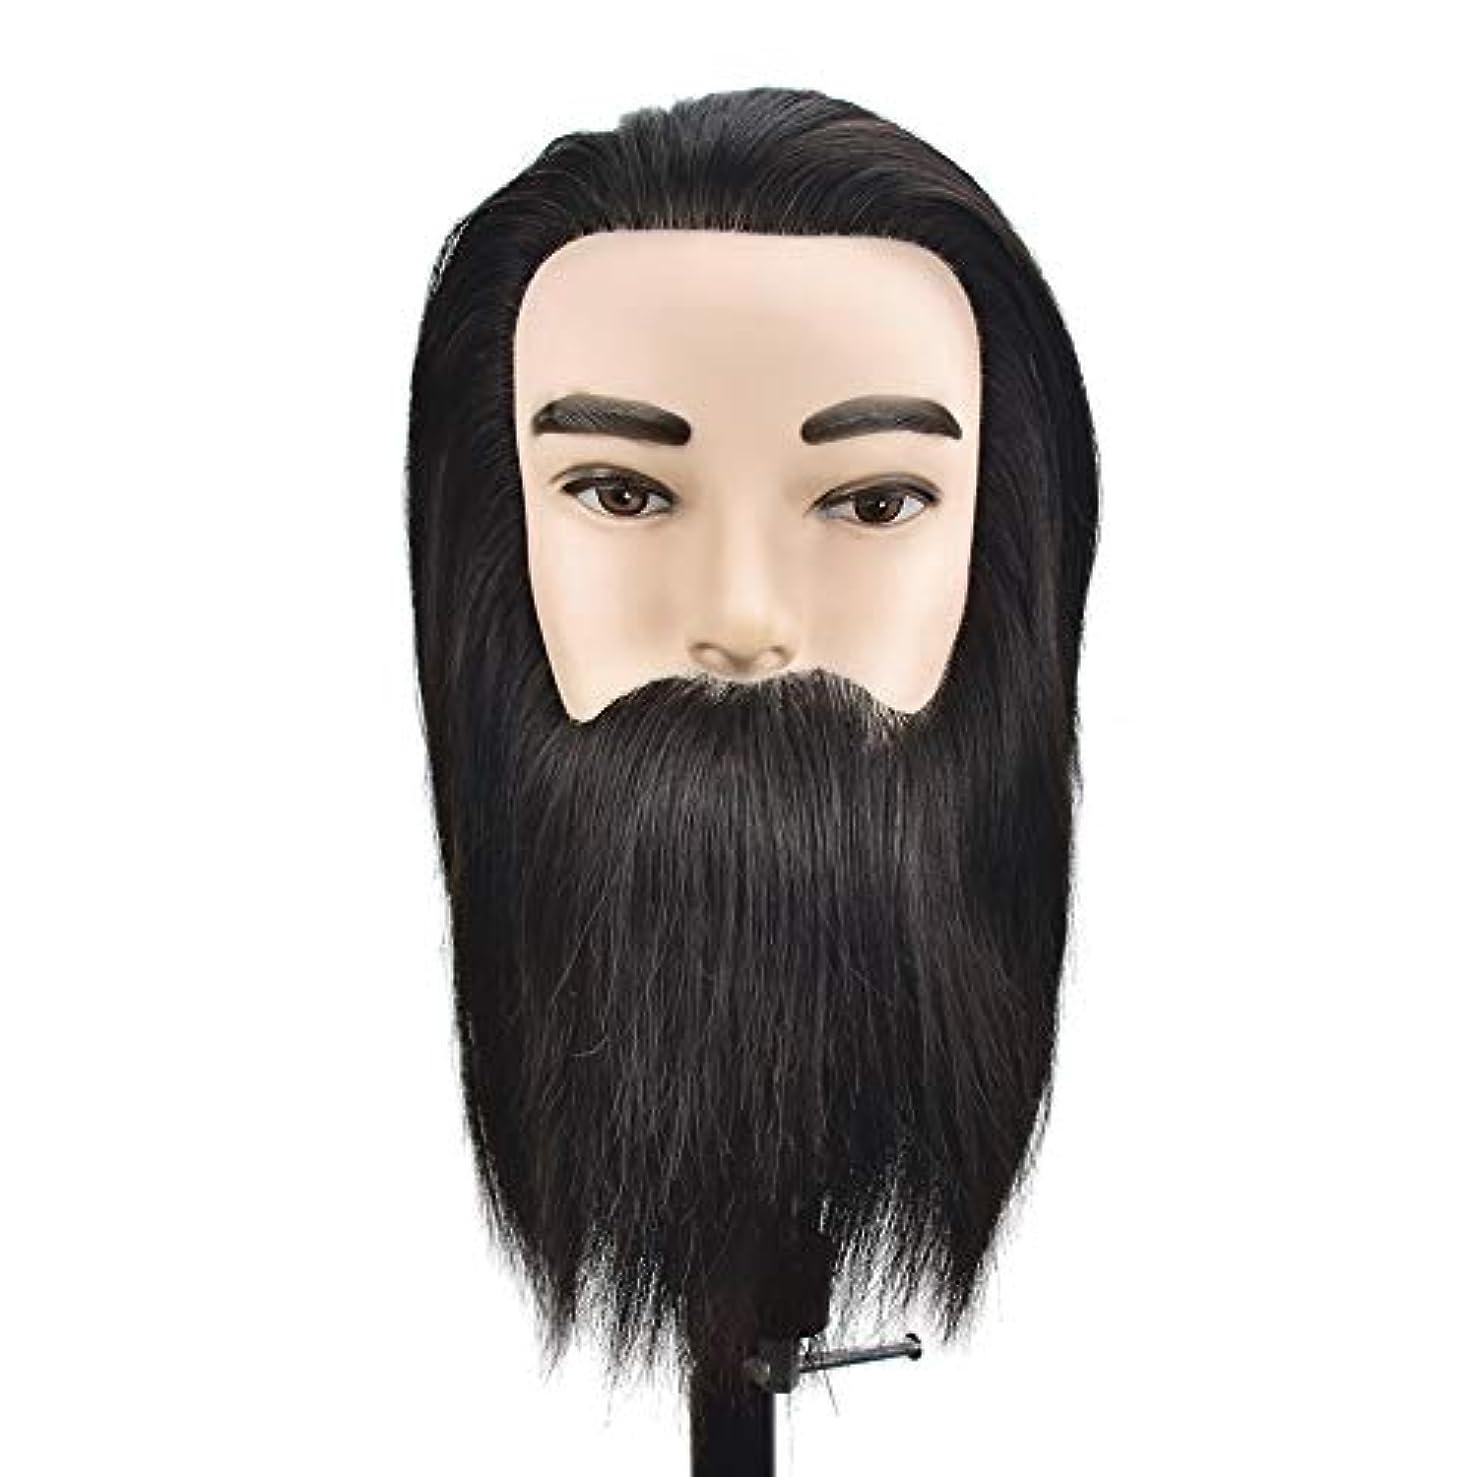 リフレッシュ陪審家族リアル人間の髪トレーニングヘッドパーマ髪モデル髪染め理髪ダミーヘッドトリミングひげ学習ヘッドモデル